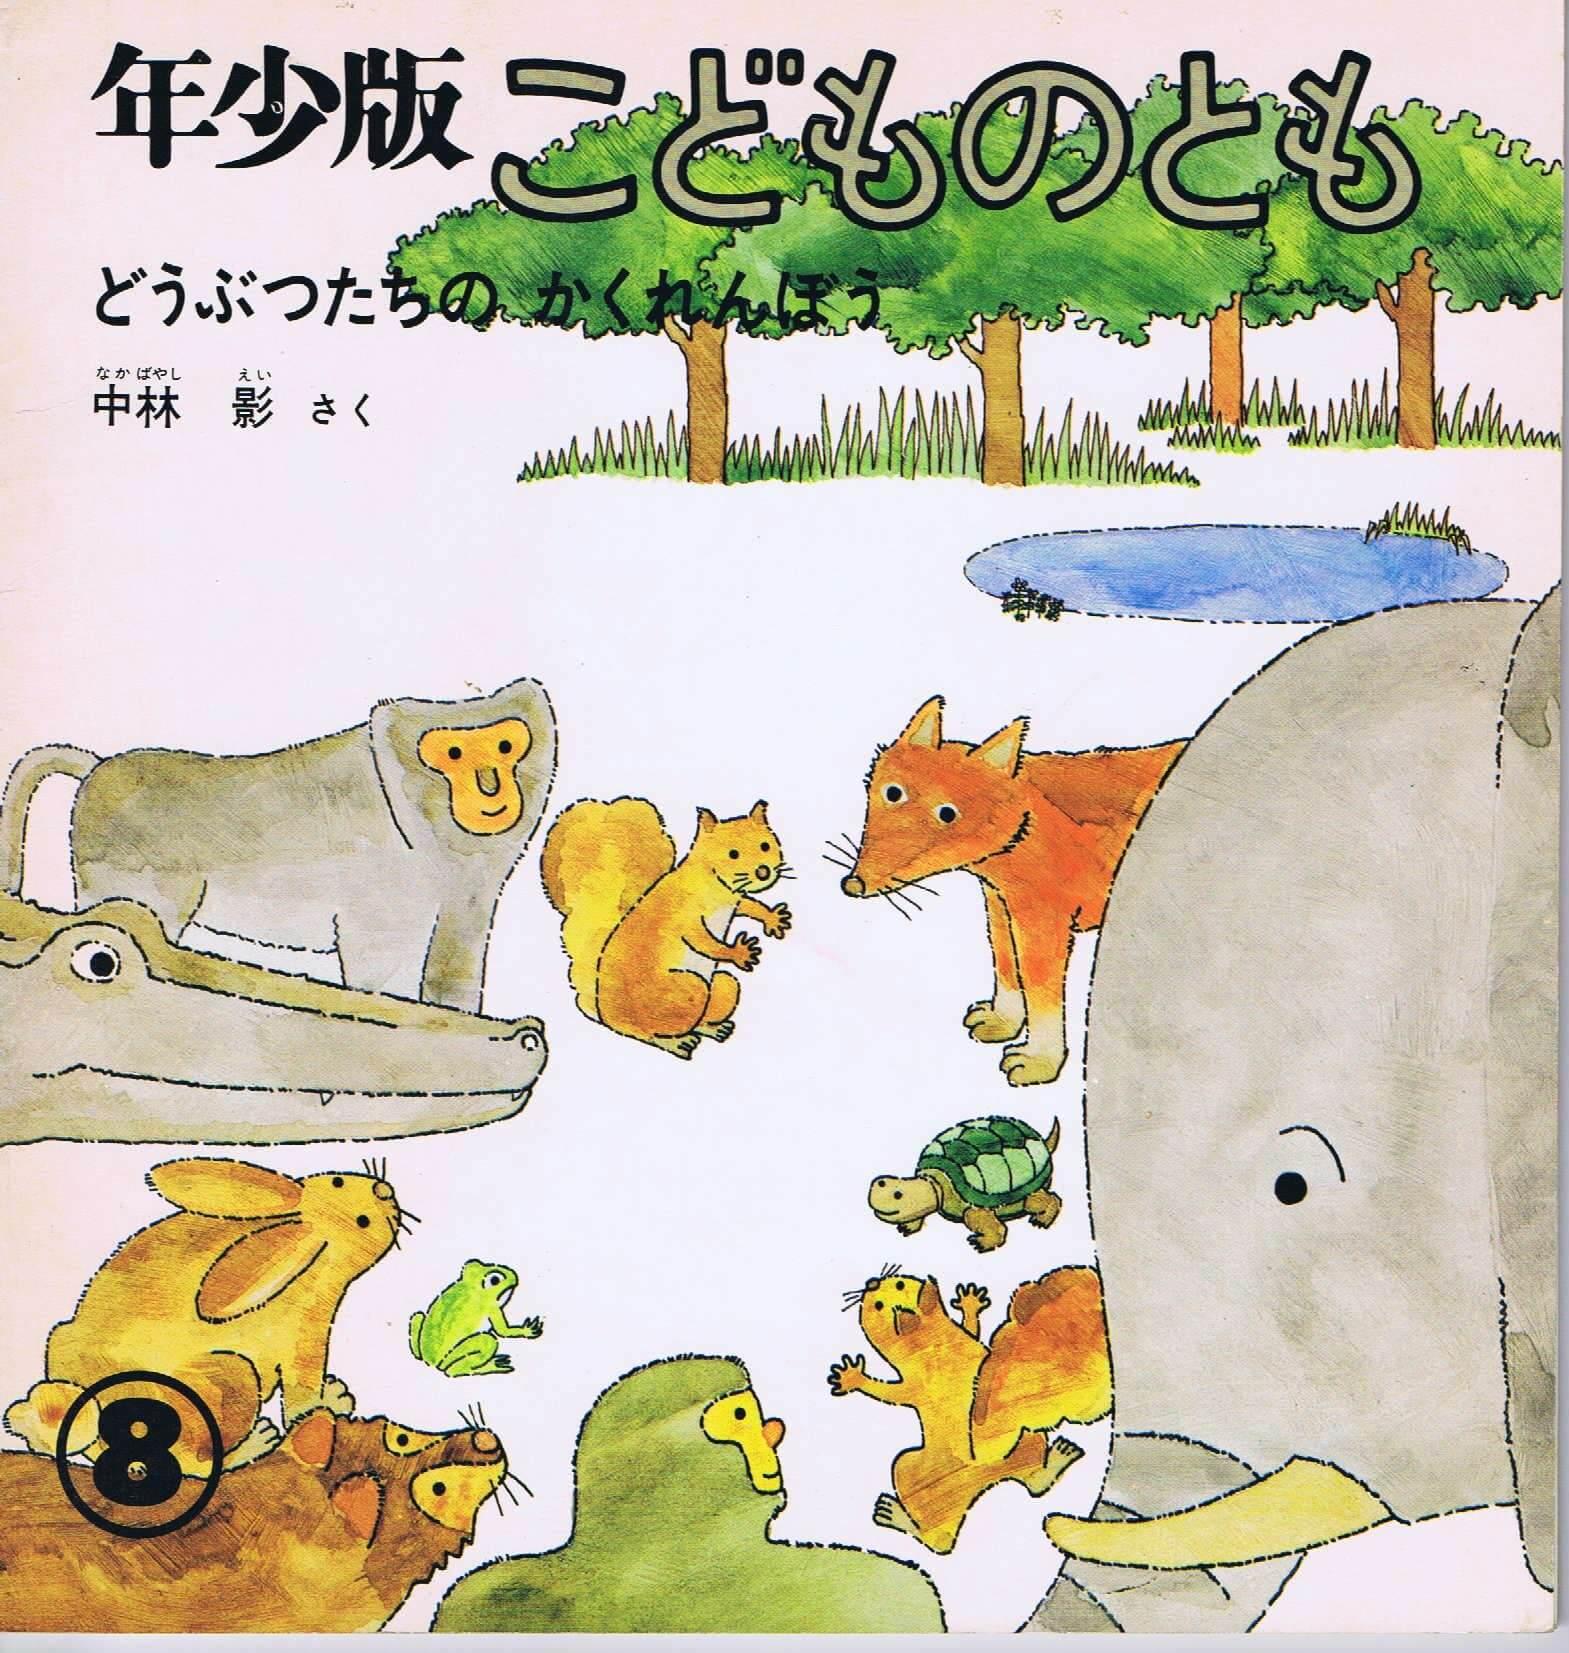 どうぶつたちのかくれんぼう こどものとも 年少版 通巻29号 (1979年8月号)